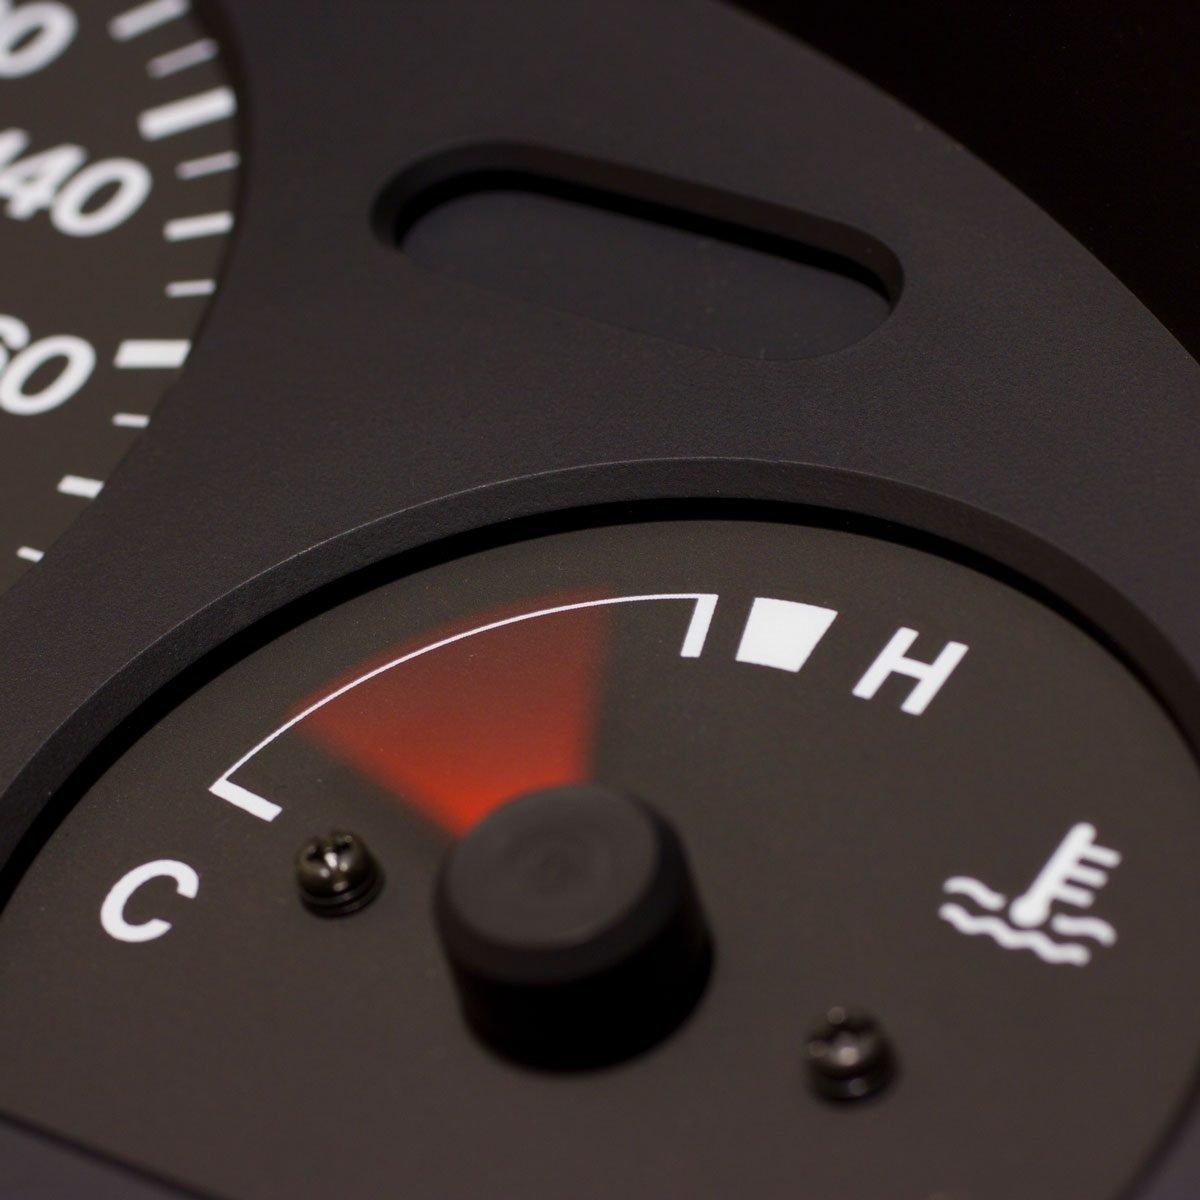 Engine temperature gauge